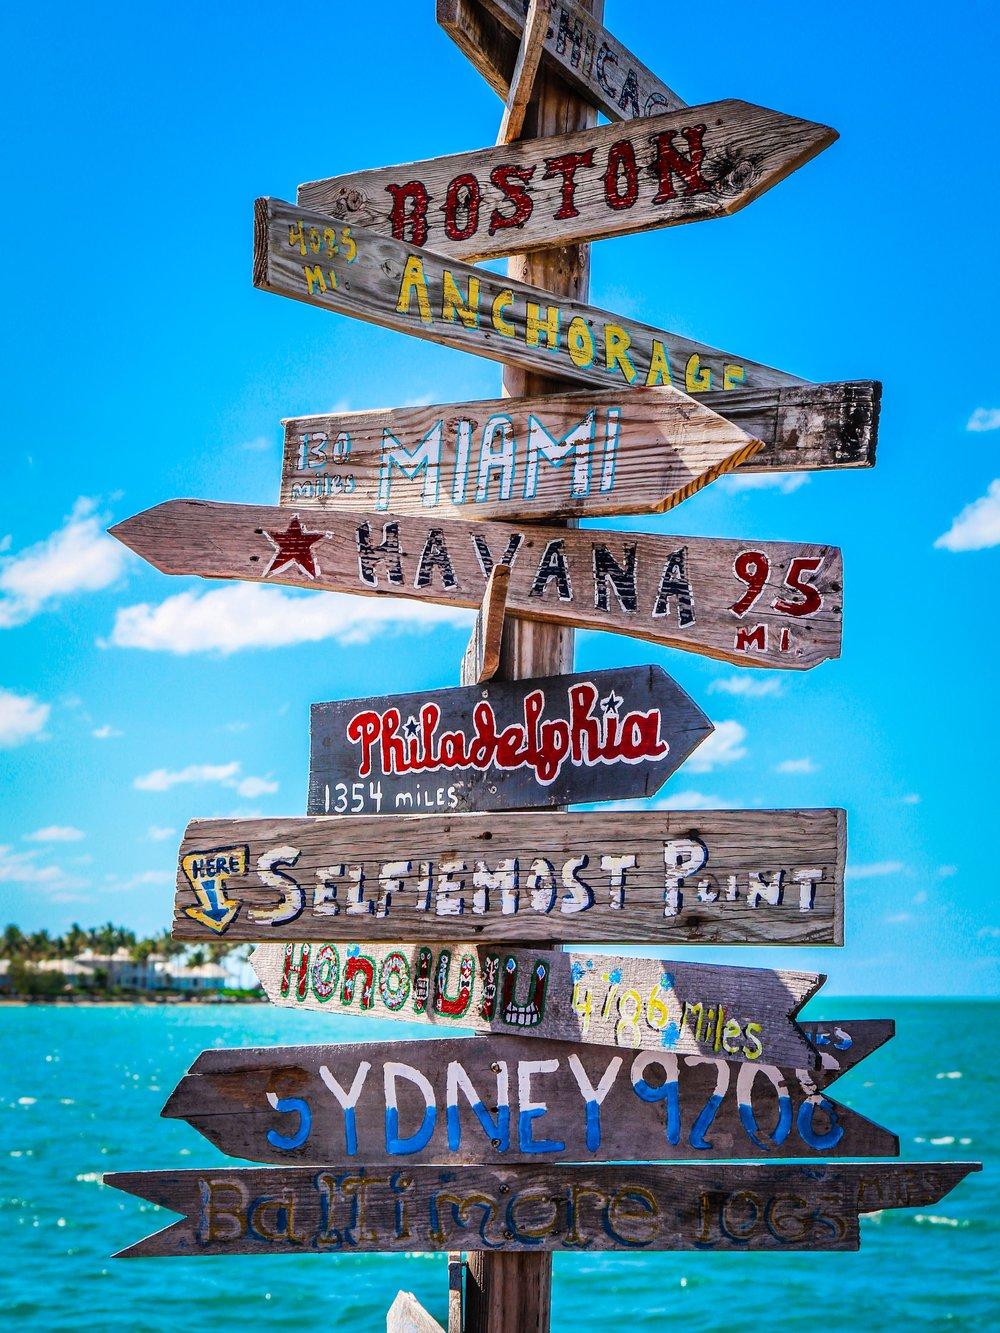 Florida_keys-_Key_west_To_do_reizen_met_kinderen-17.jpg